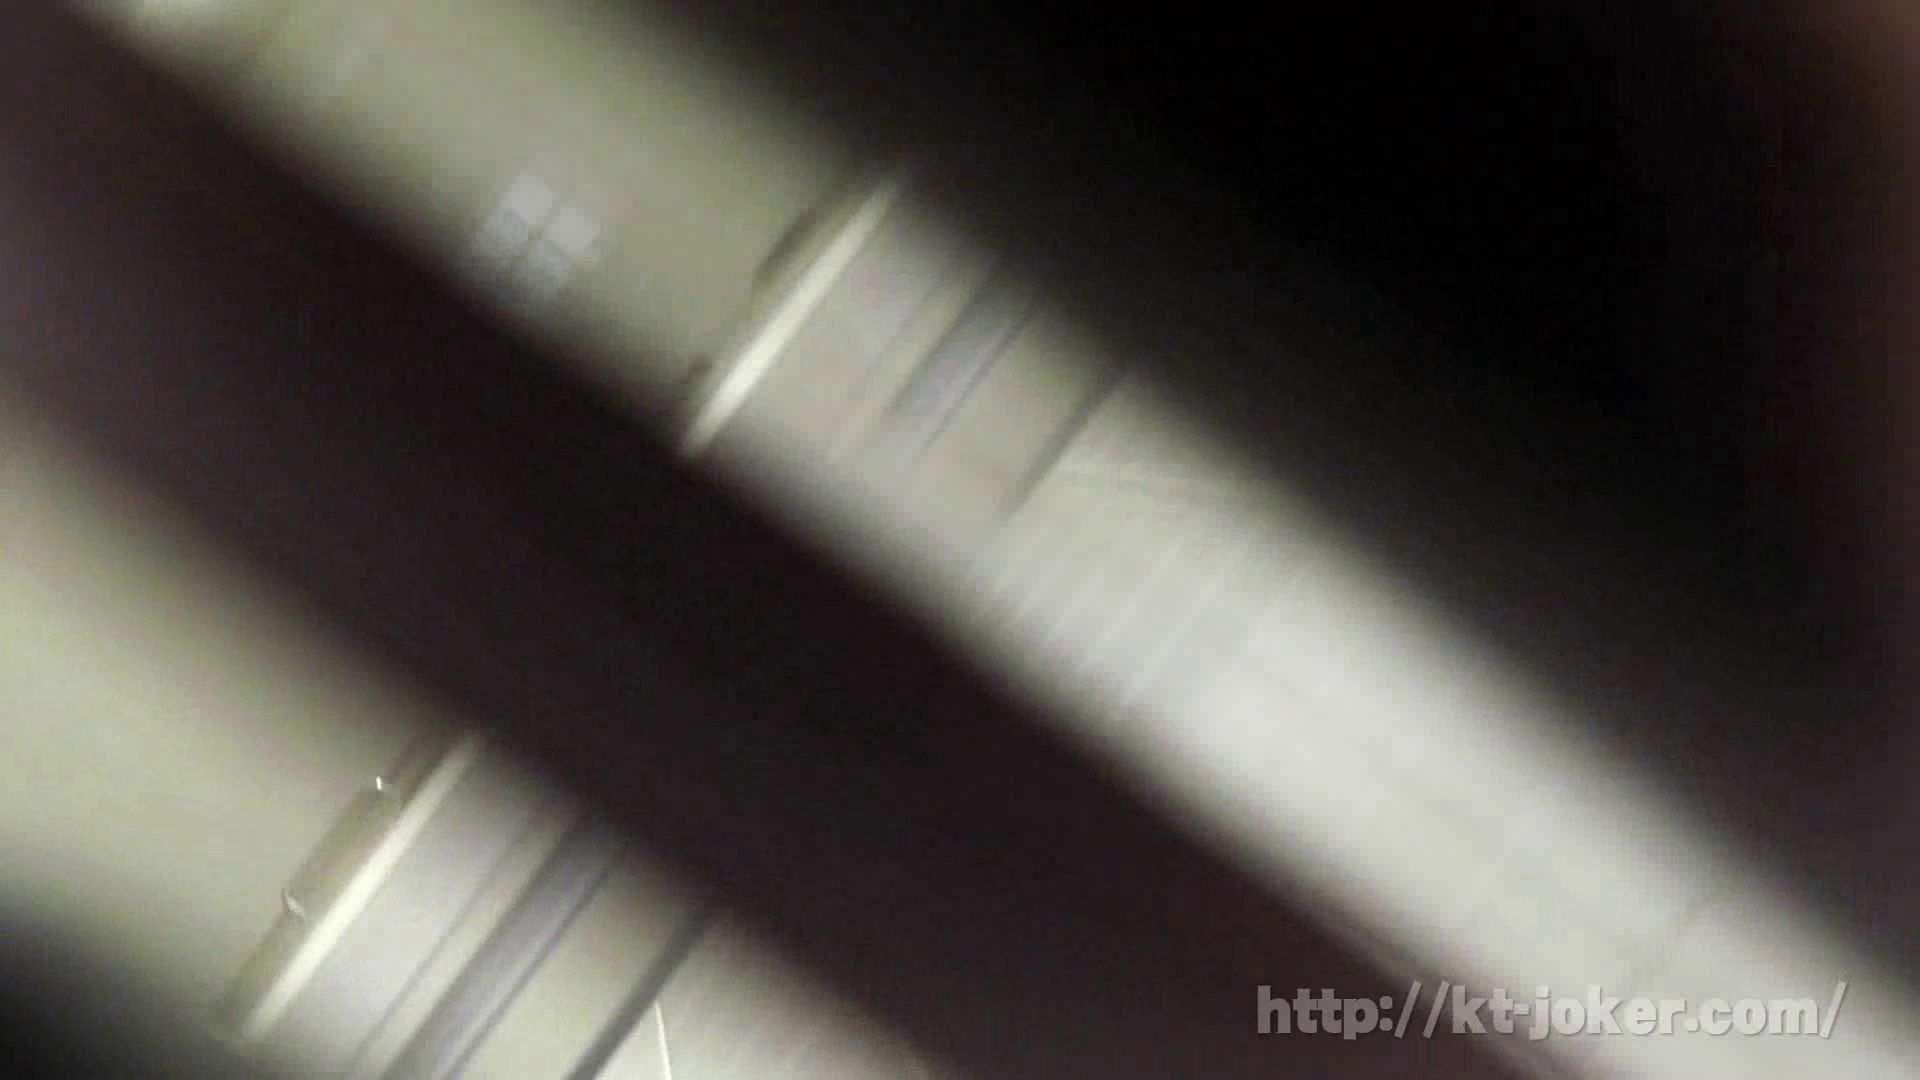 命がけ潜伏洗面所! vol.66 ナイスドアップ、外撮り!! 0 | 0  76画像 54